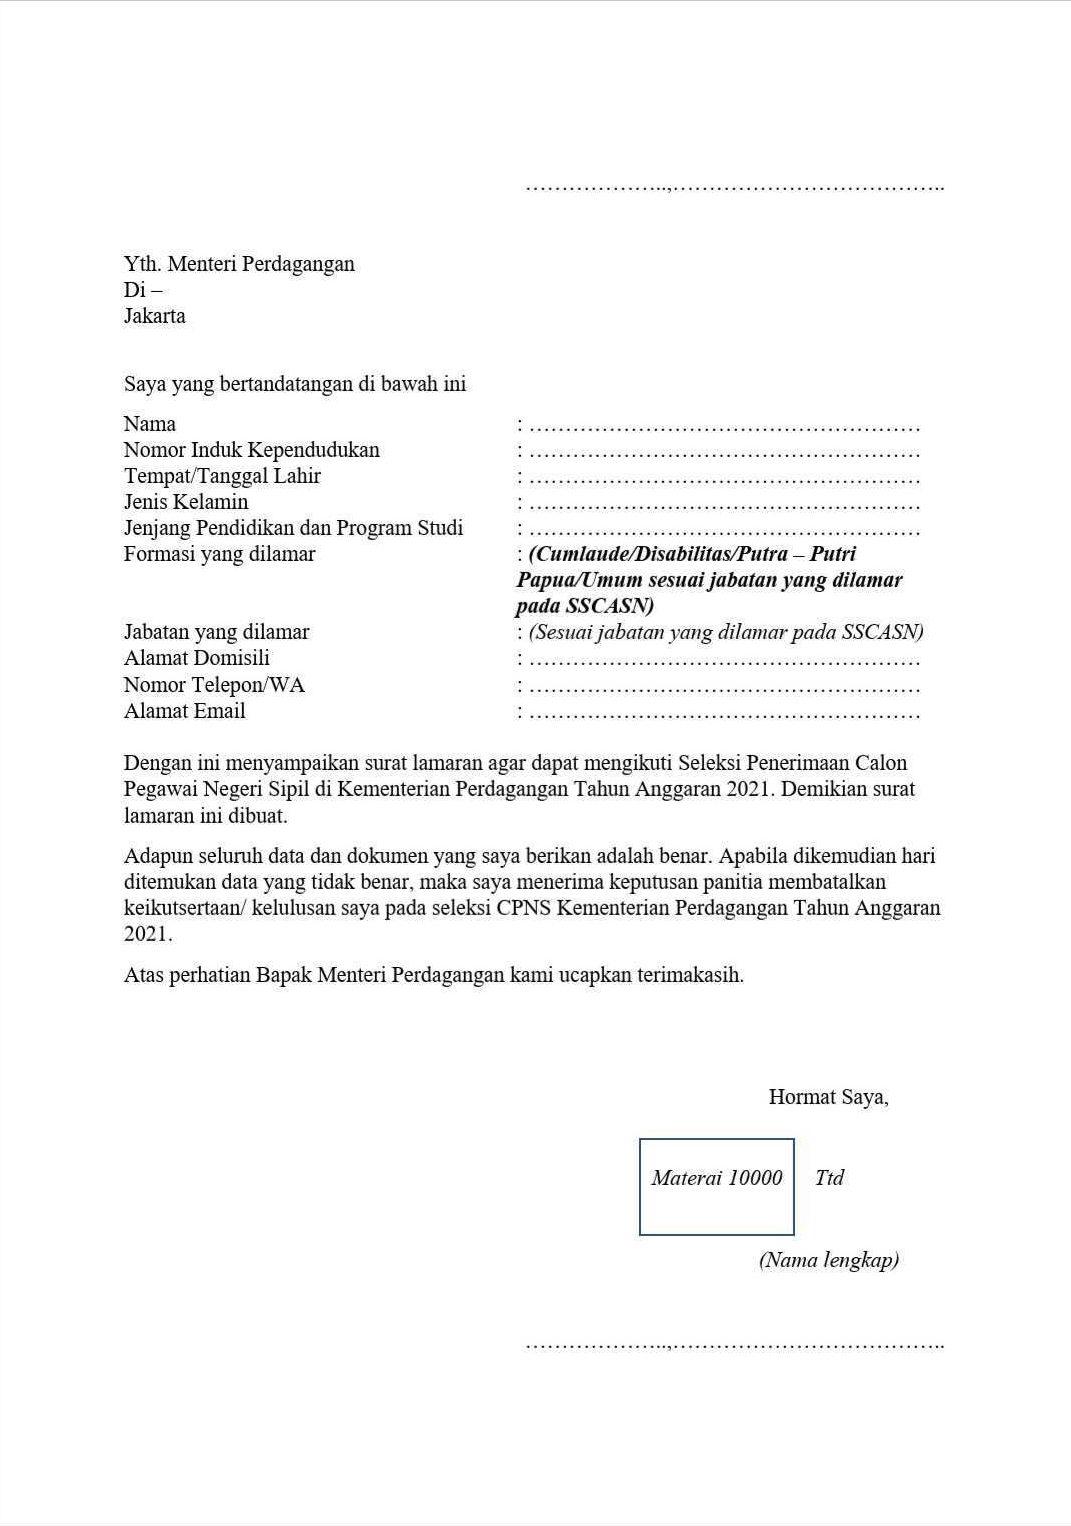 Contoh Surat Lamaran CPNS 2021 dan Surat Pernyataan Seleksi CPNS